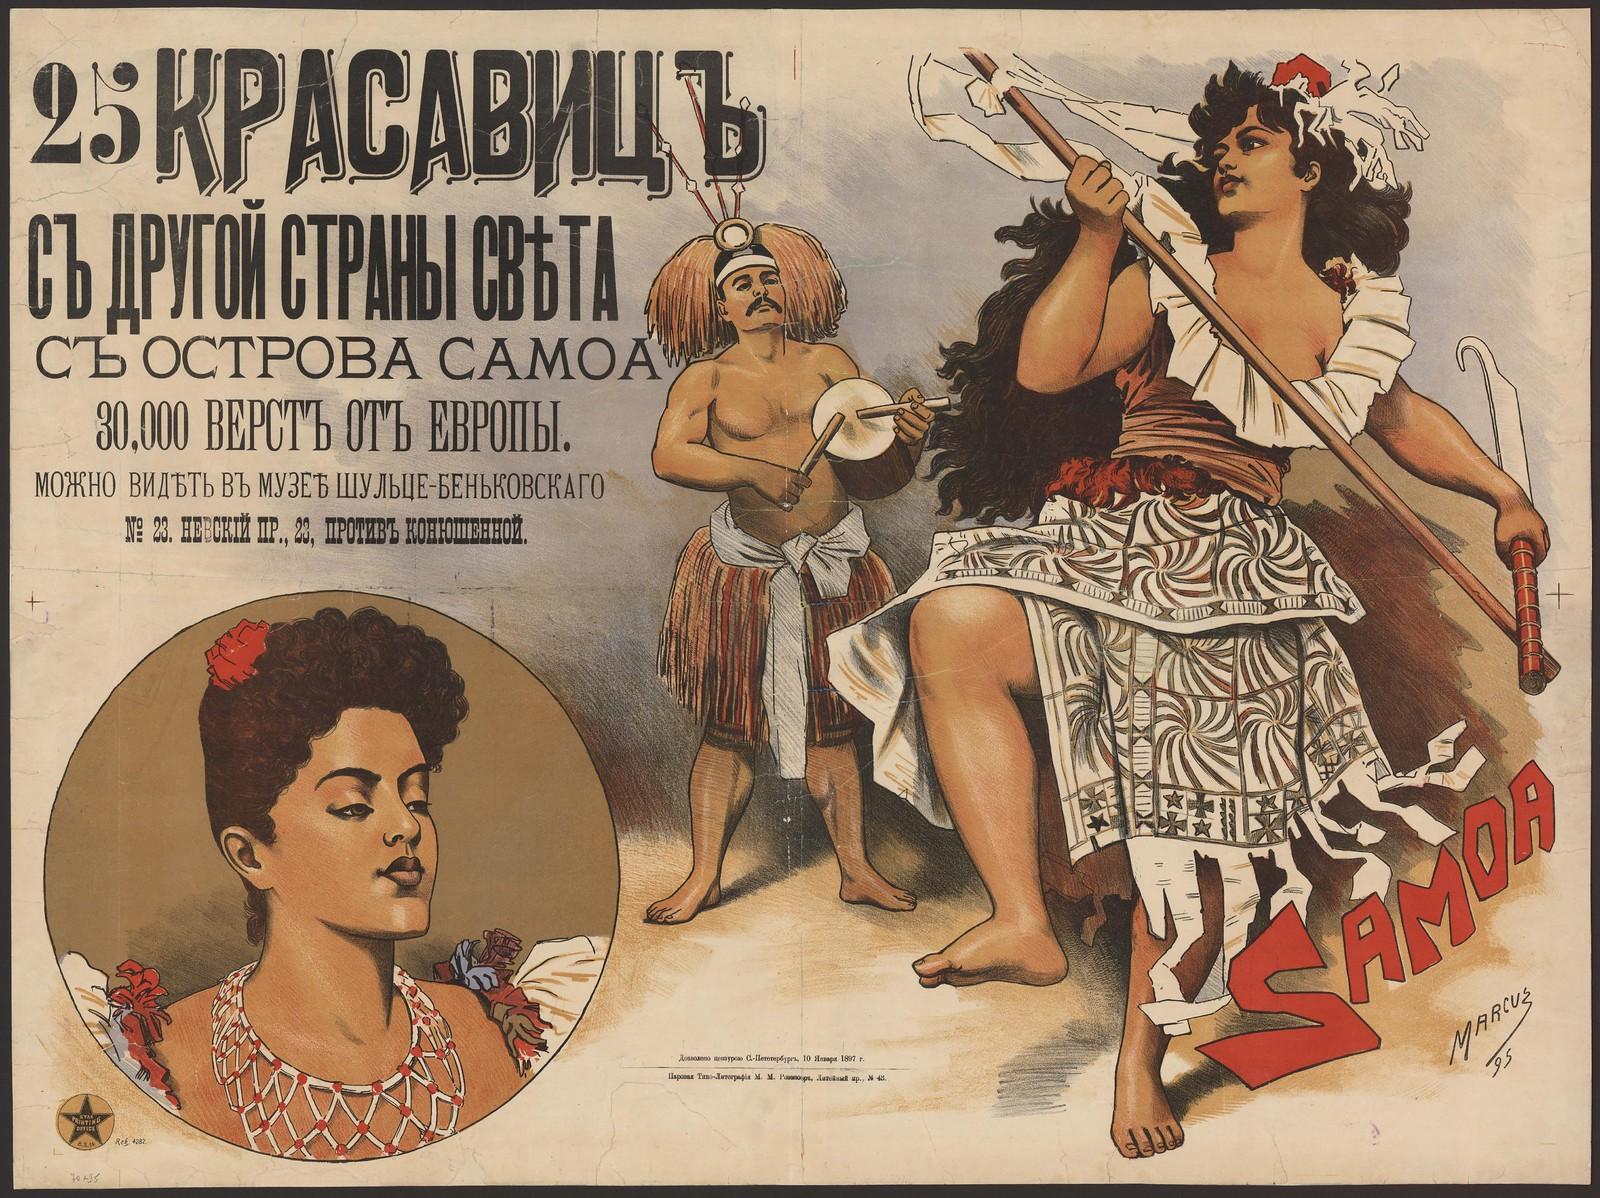 1897. 25 красавиц с другой страны света, с острова Самоа, 30 000 верст от Европы, можно видеть в музее Шульце-Беньковского